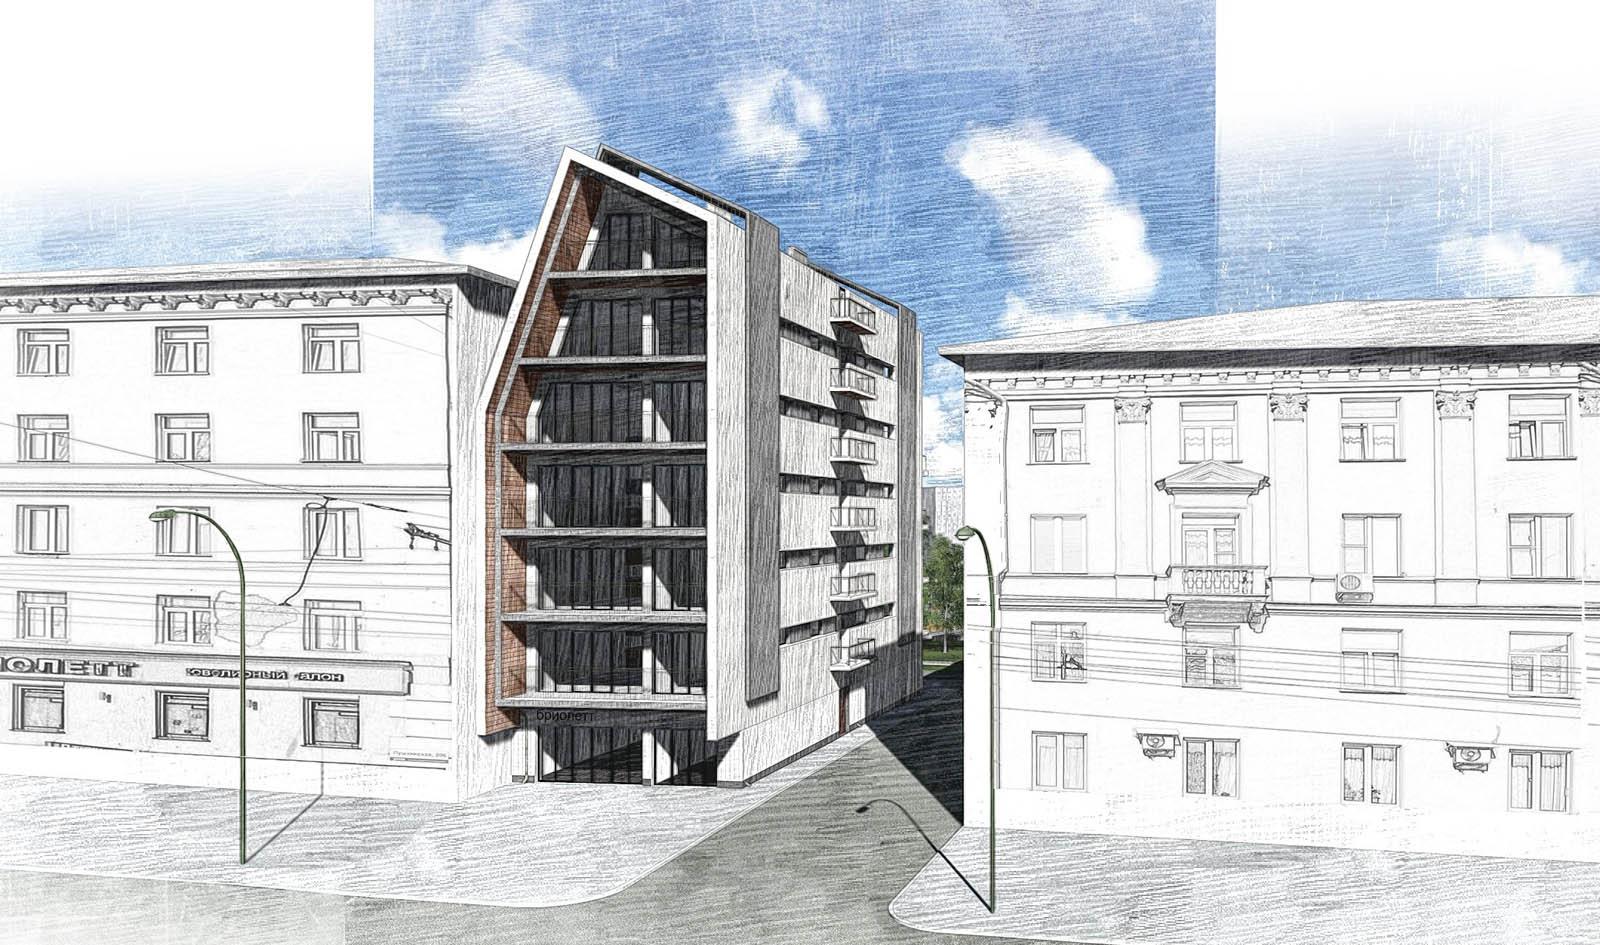 Многоквартирный жилой дом Дом вставка Архитектура и  Многоквартирный жилой Дом вставка Курсовой проект ИжГТУ им М